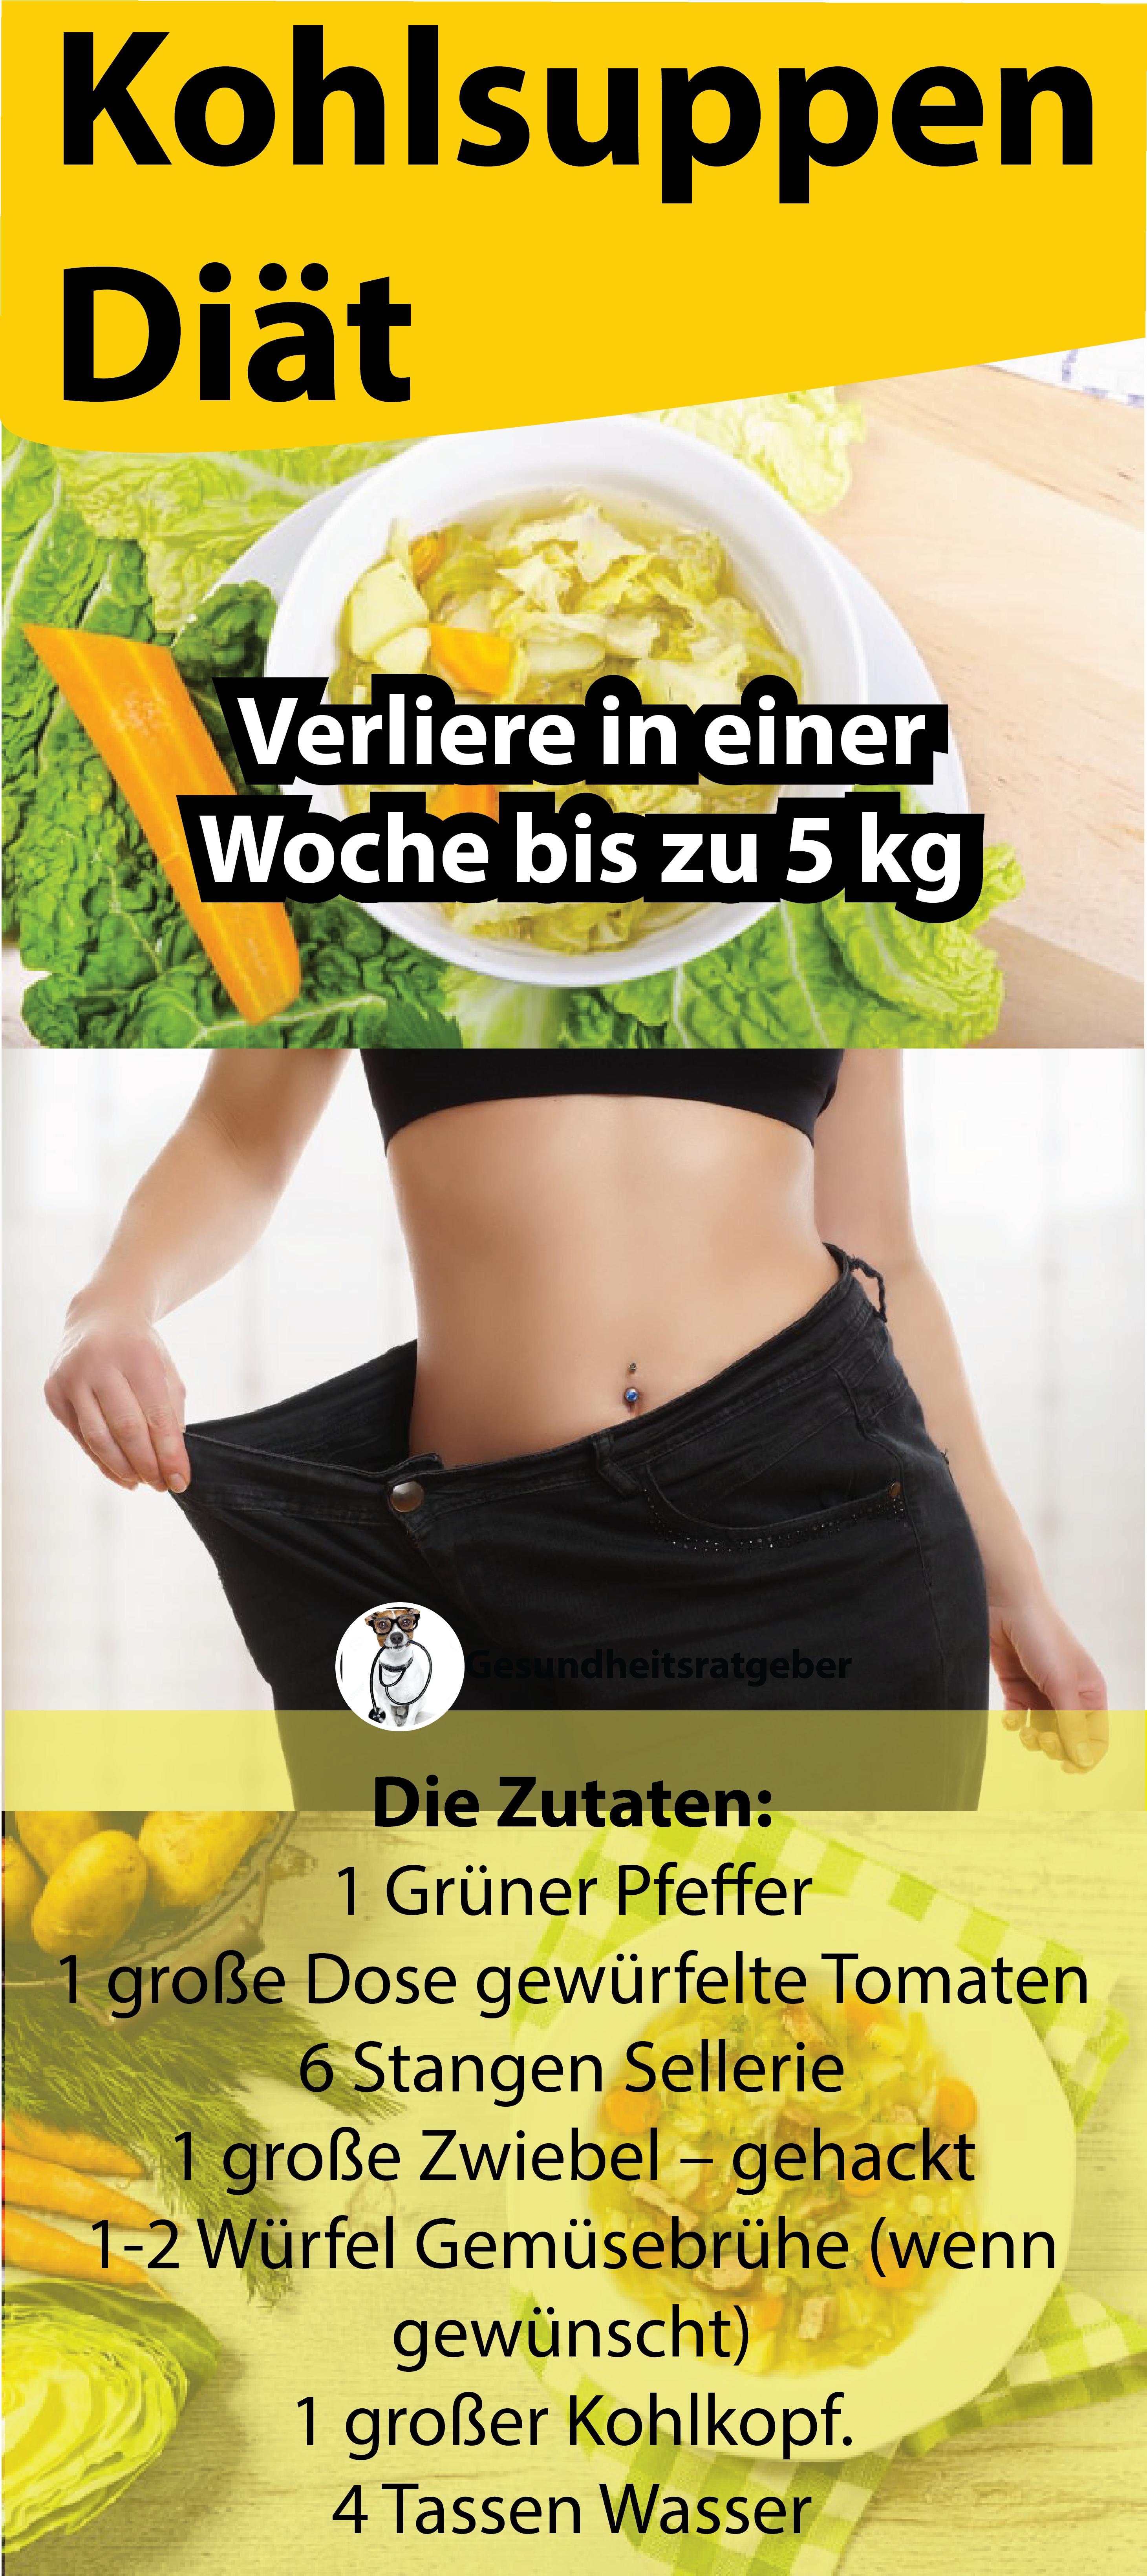 Diät Gewicht verlieren 5 Kilo gleiche Pfund